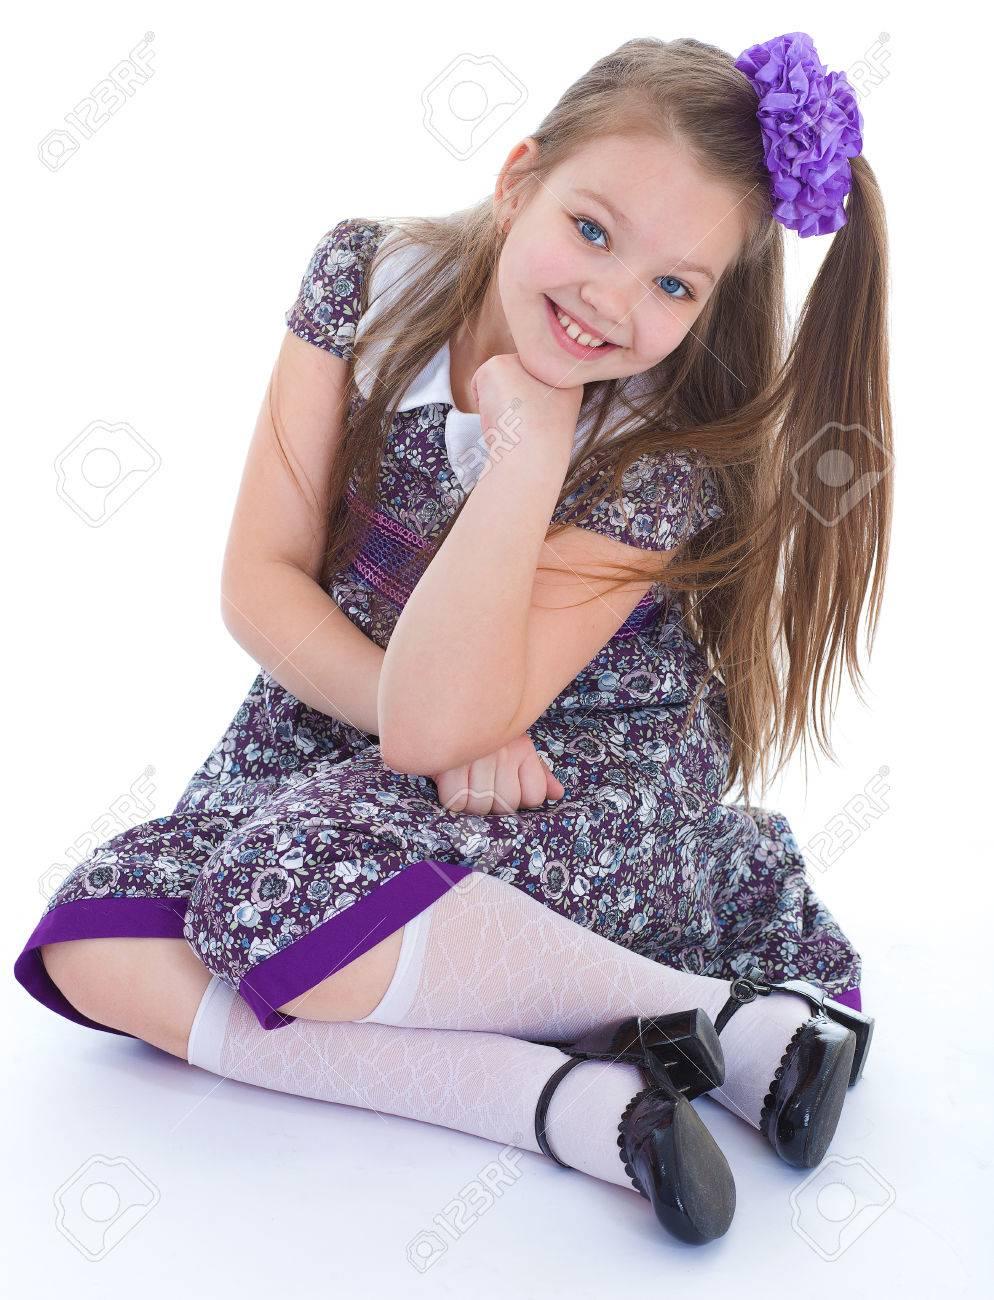 девушка в чулках. фото